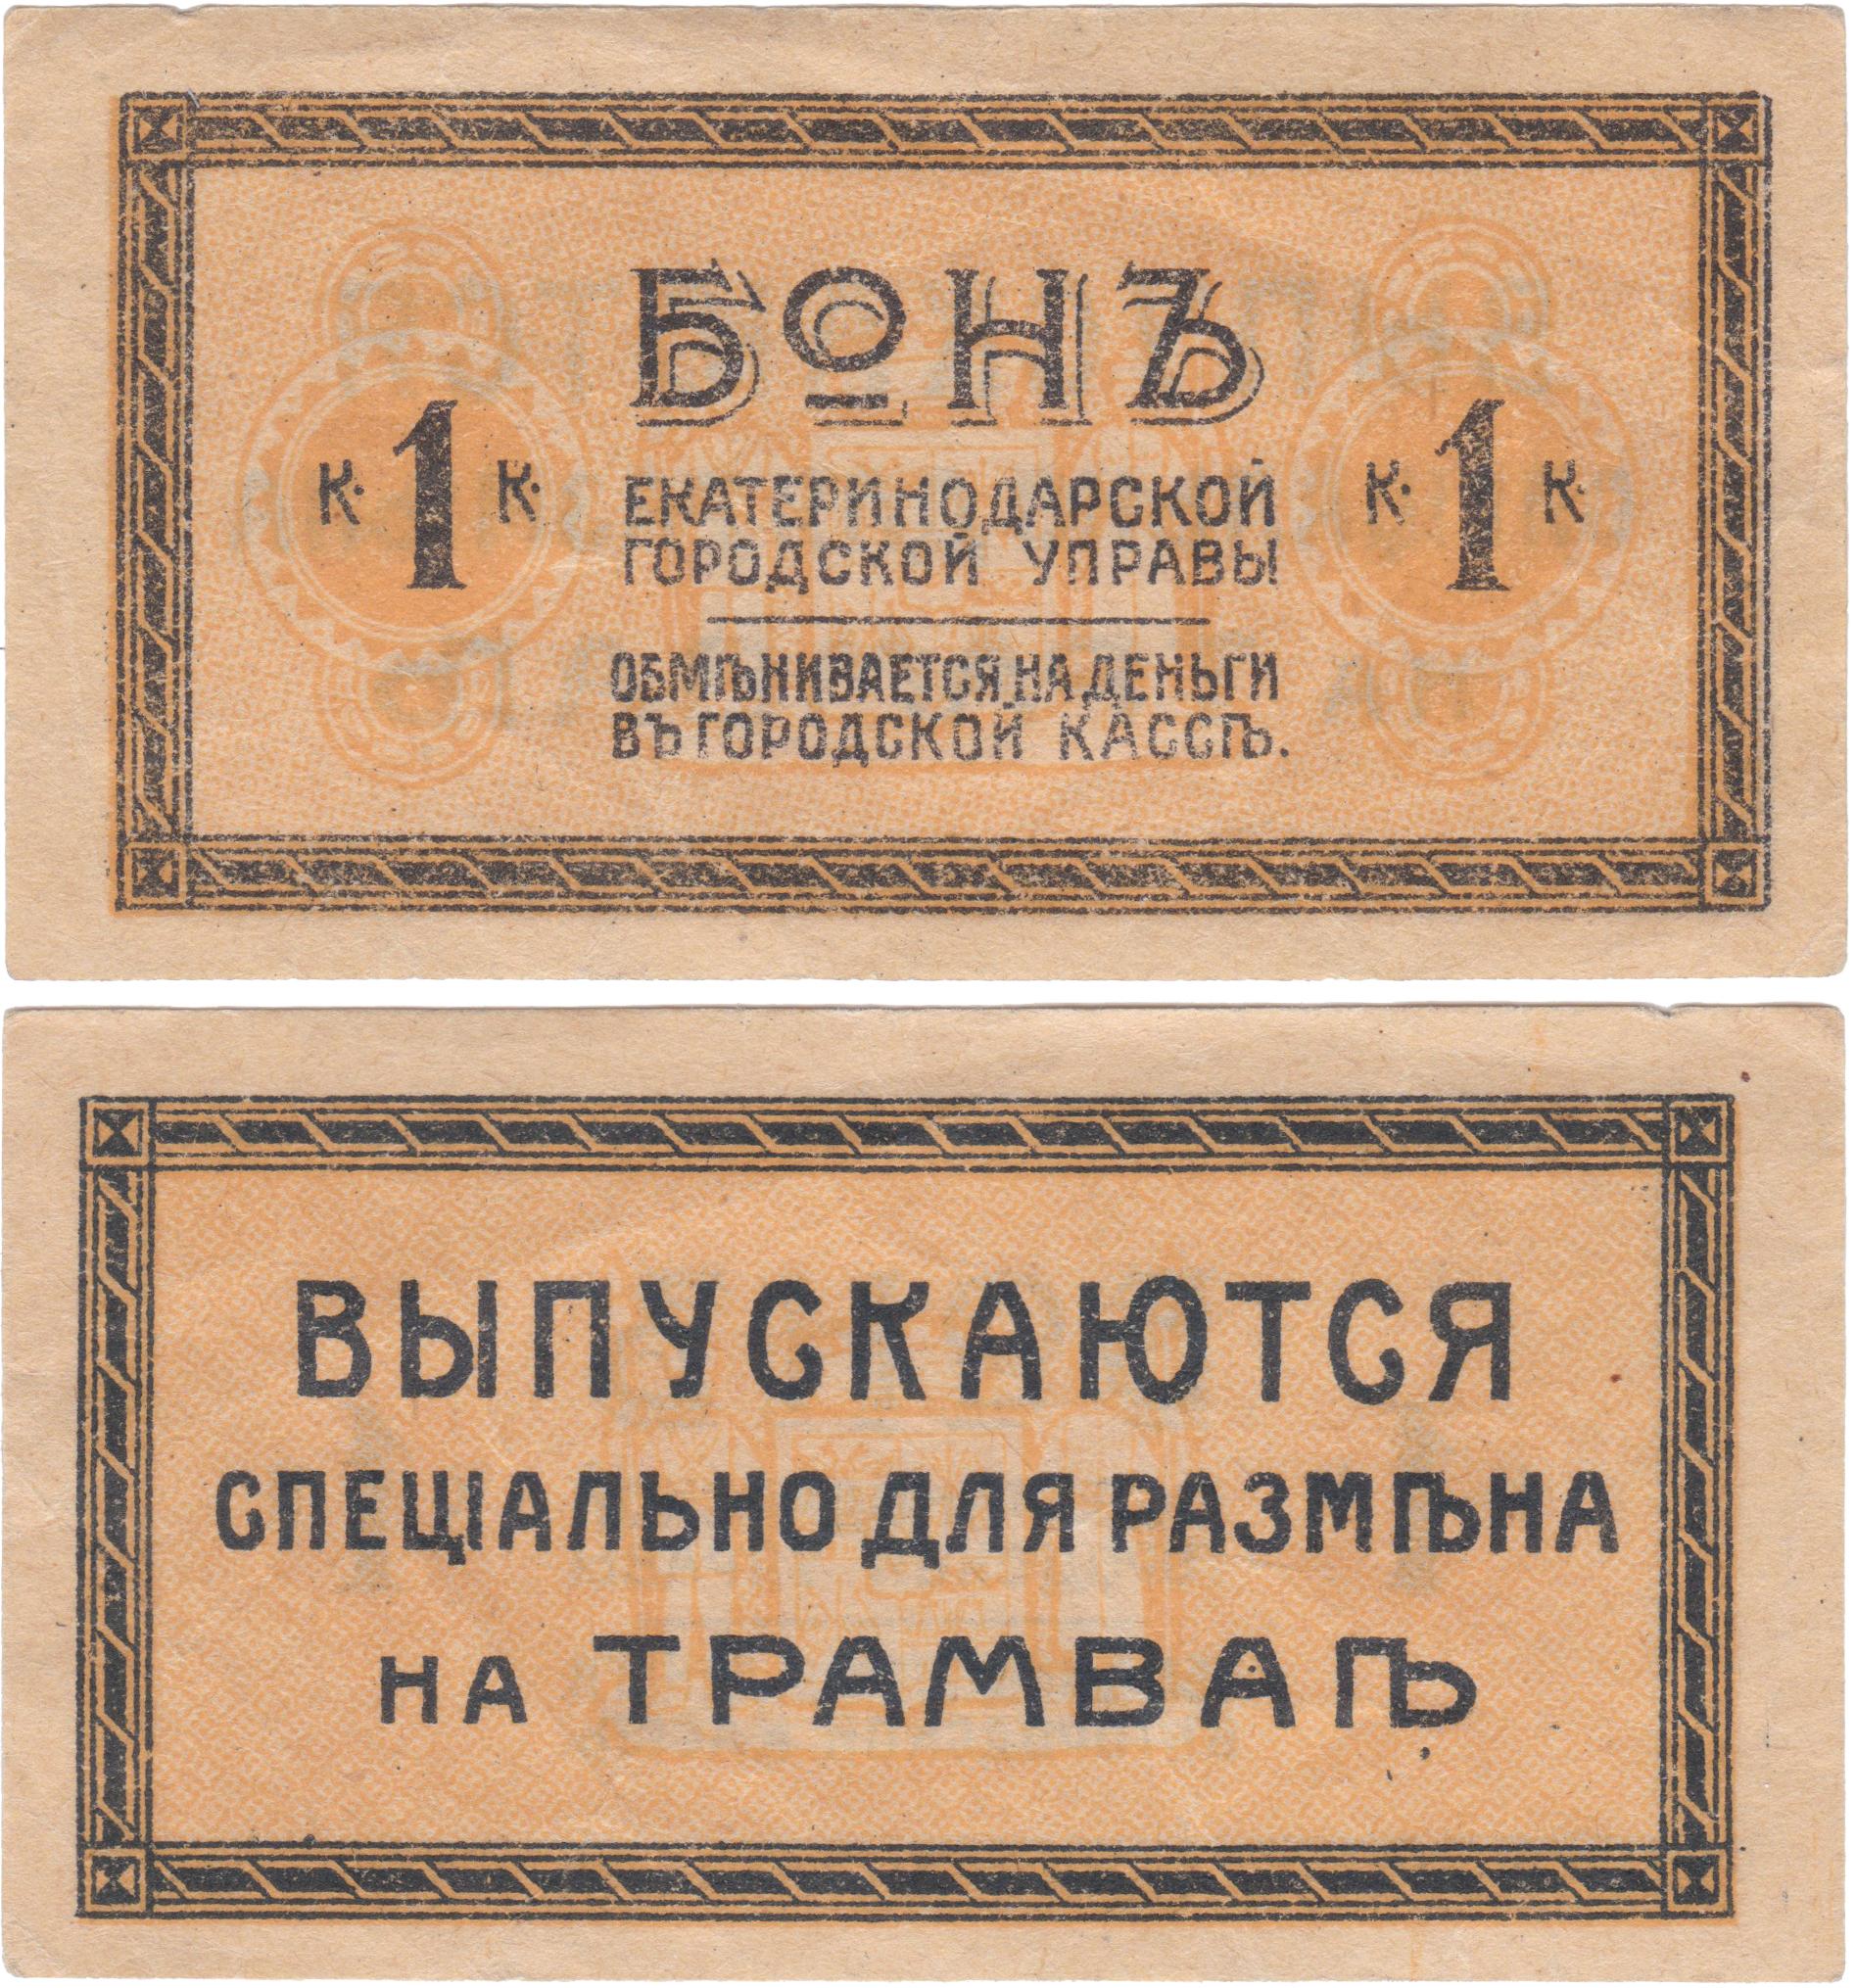 Бон 1 Копейка 1918 год. Екатеринодарская городская управа